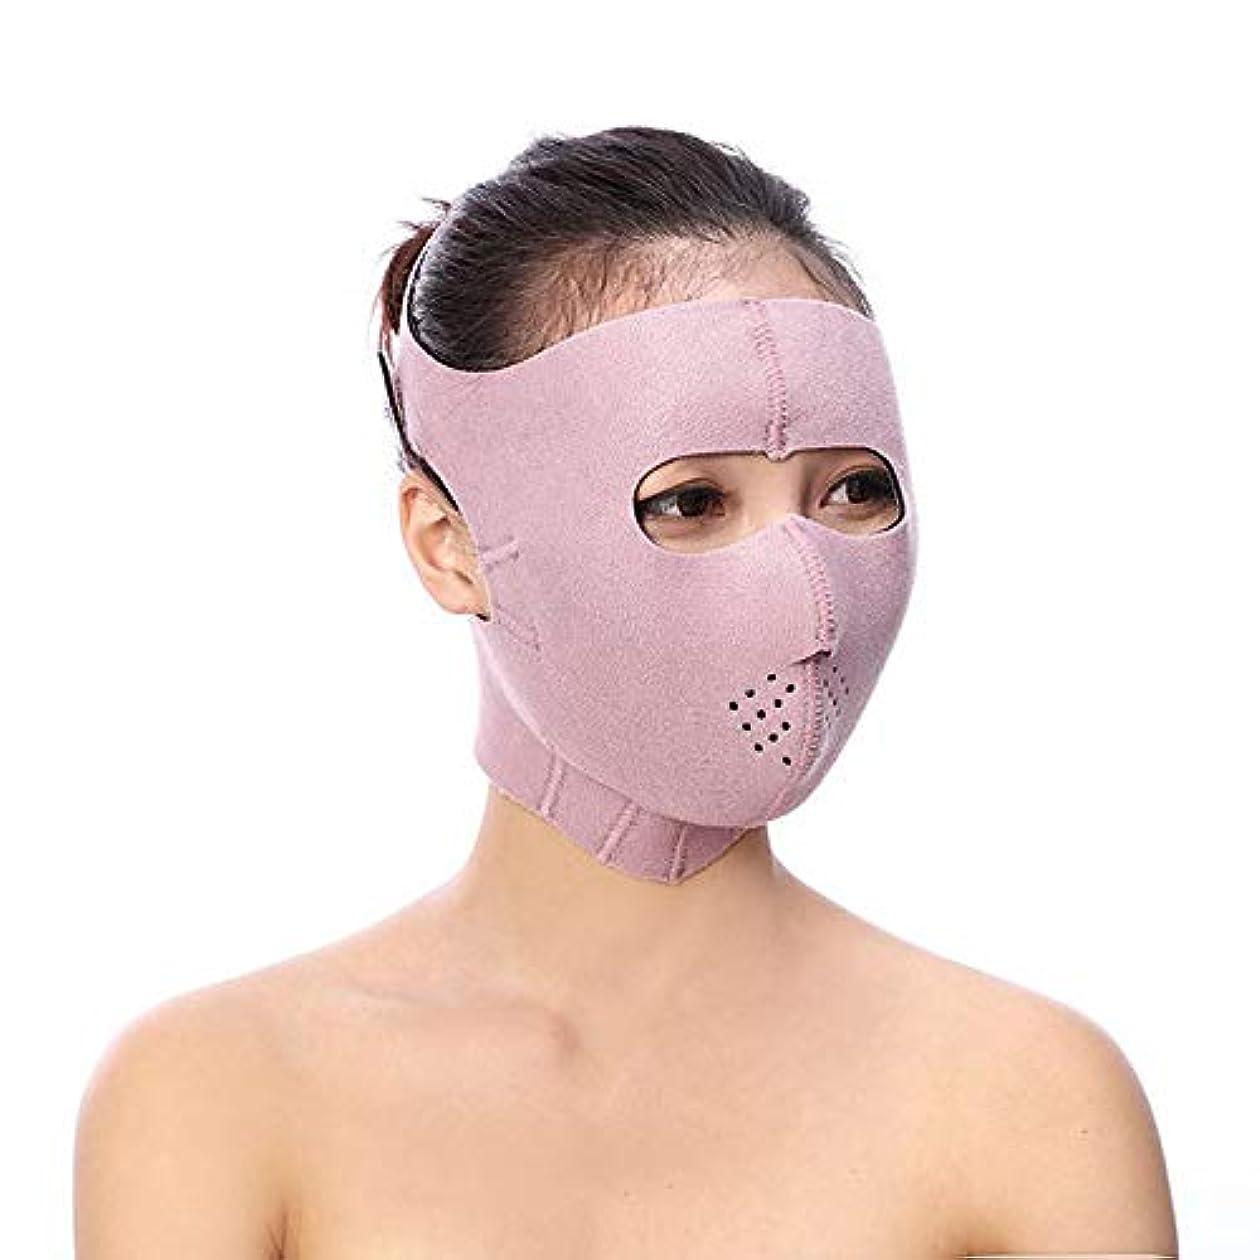 の間に連帯セラフGYZ フェイシャルリフティング痩身ベルト - Vフェイス包帯マスクフェイシャルマッサージャー無料の薄いフェイス包帯整形マスクを引き締める顔と首の顔スリム Thin Face Belt